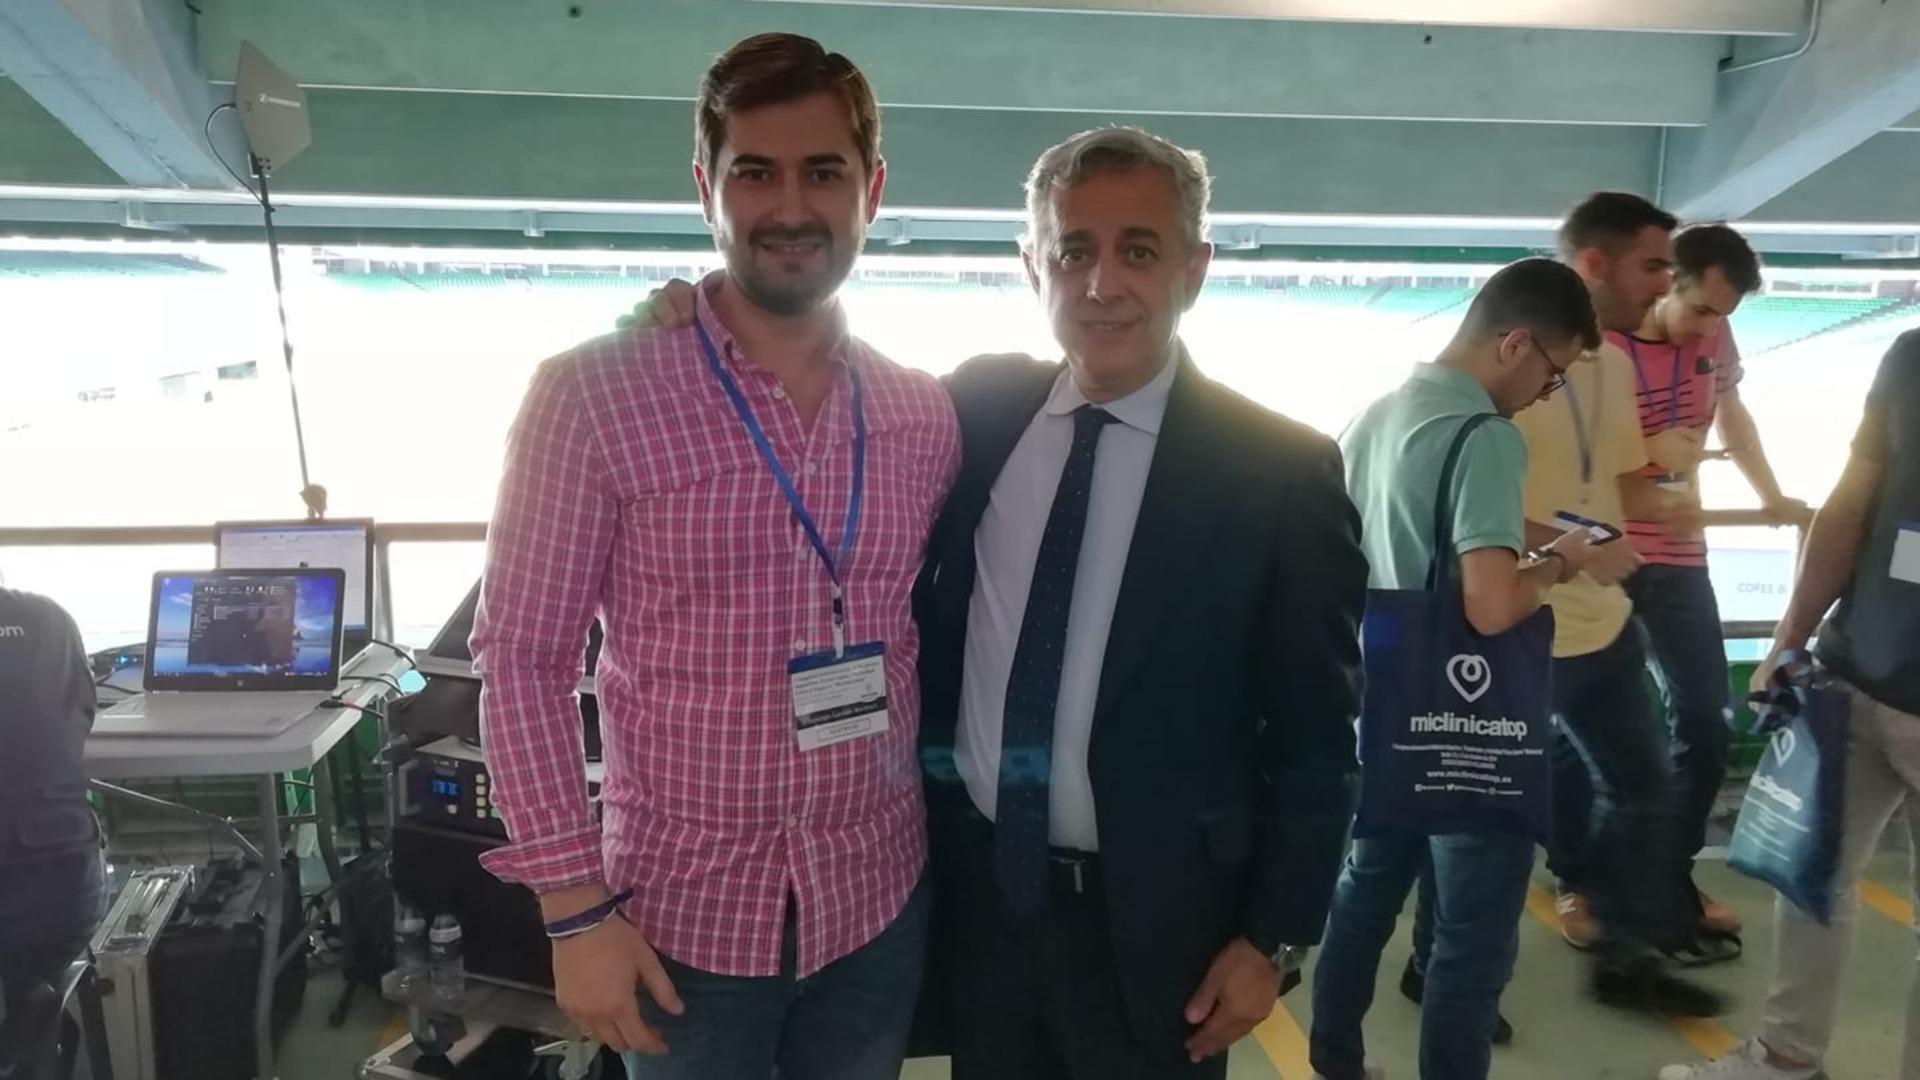 Domingo Garrido y el Dr. José Mª Villalón, médico del At. Madrid